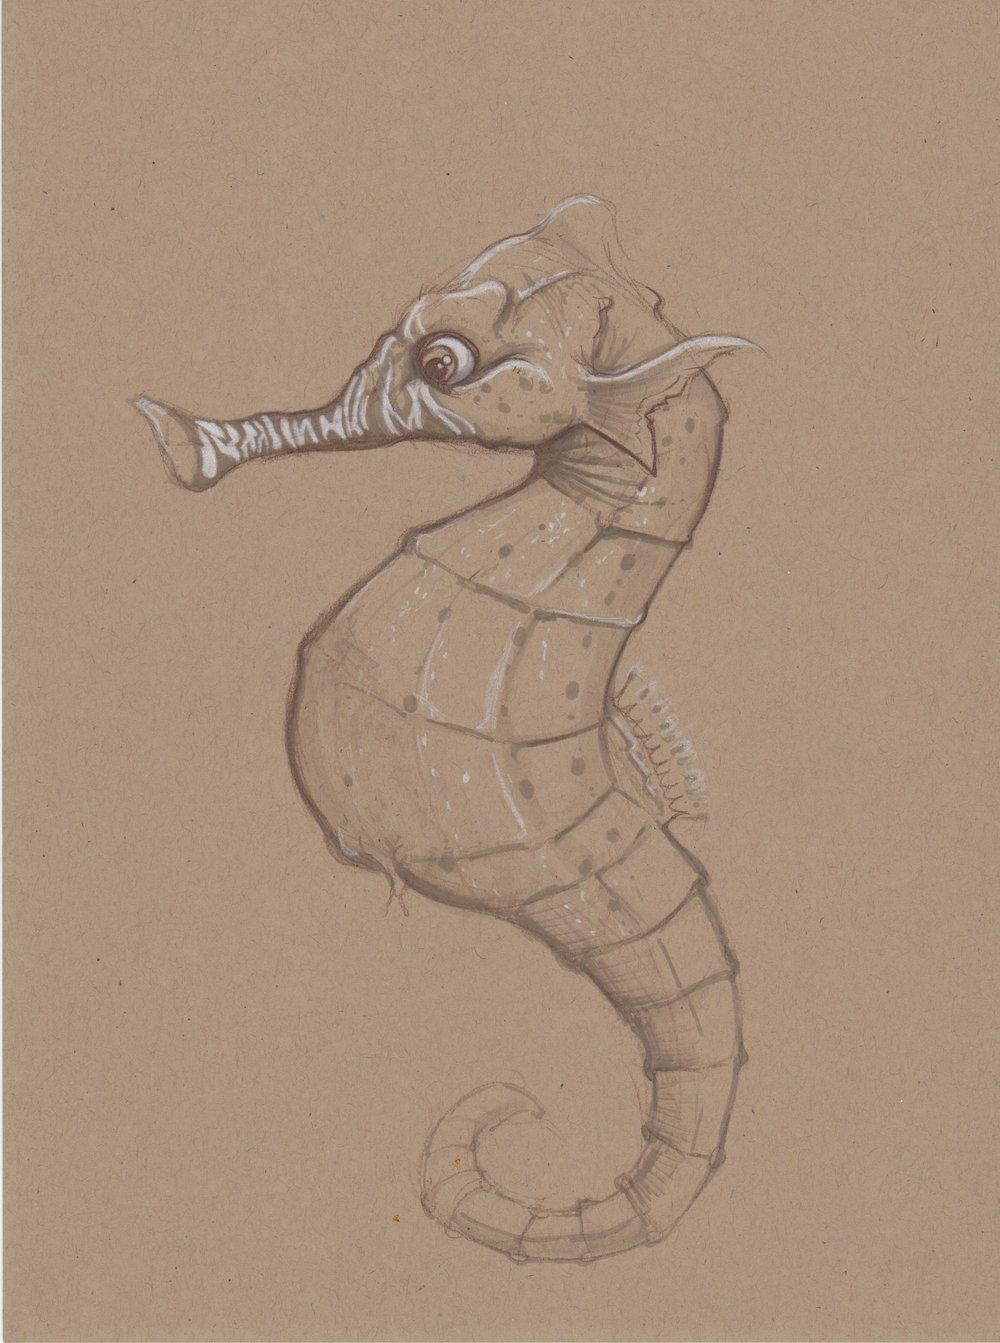 seahorse_sketch.jpeg